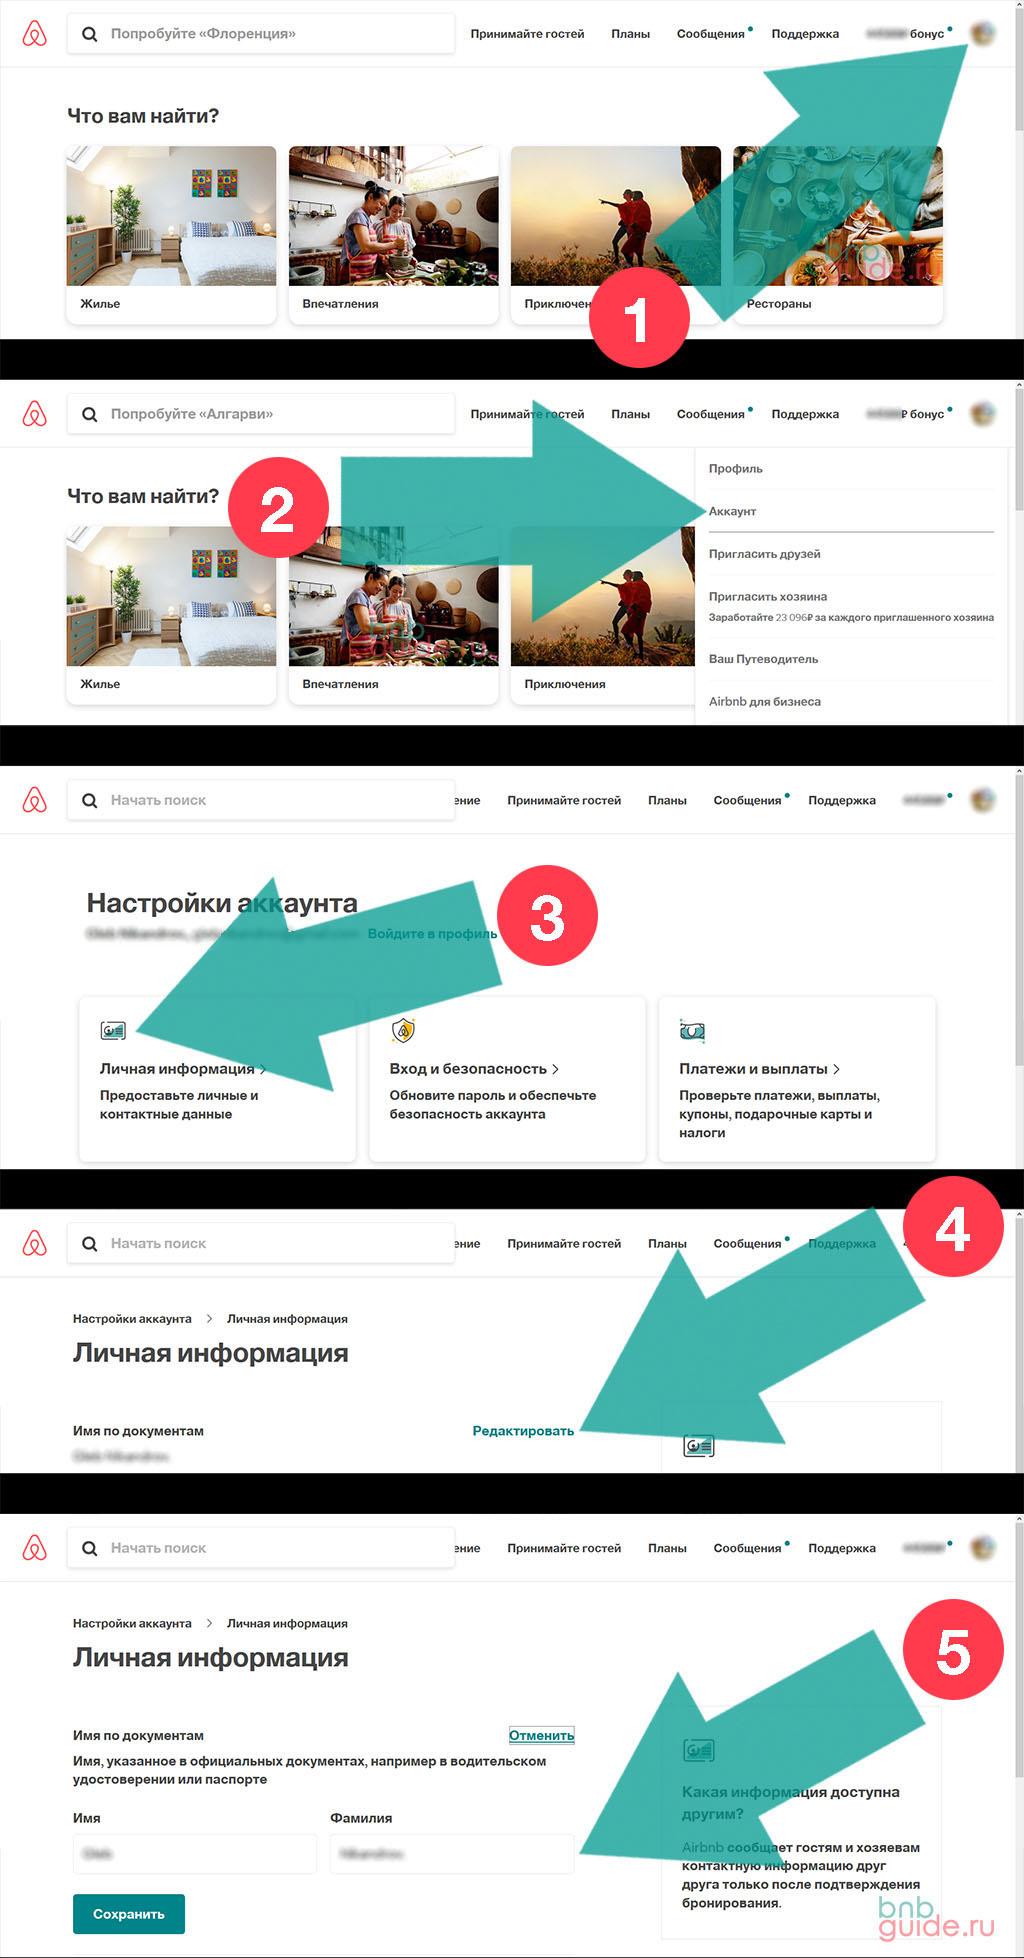 инфографика – инструкция: как изменить имя основного гостя (съемщика жилья) в квитанции Airbnb, для подтверждения бронирования при подаче на визу. Как правильно вписать ФИО плательщика за бронь Аирбнб в ваучер на проживание, для визового центра, или прохождения границы_